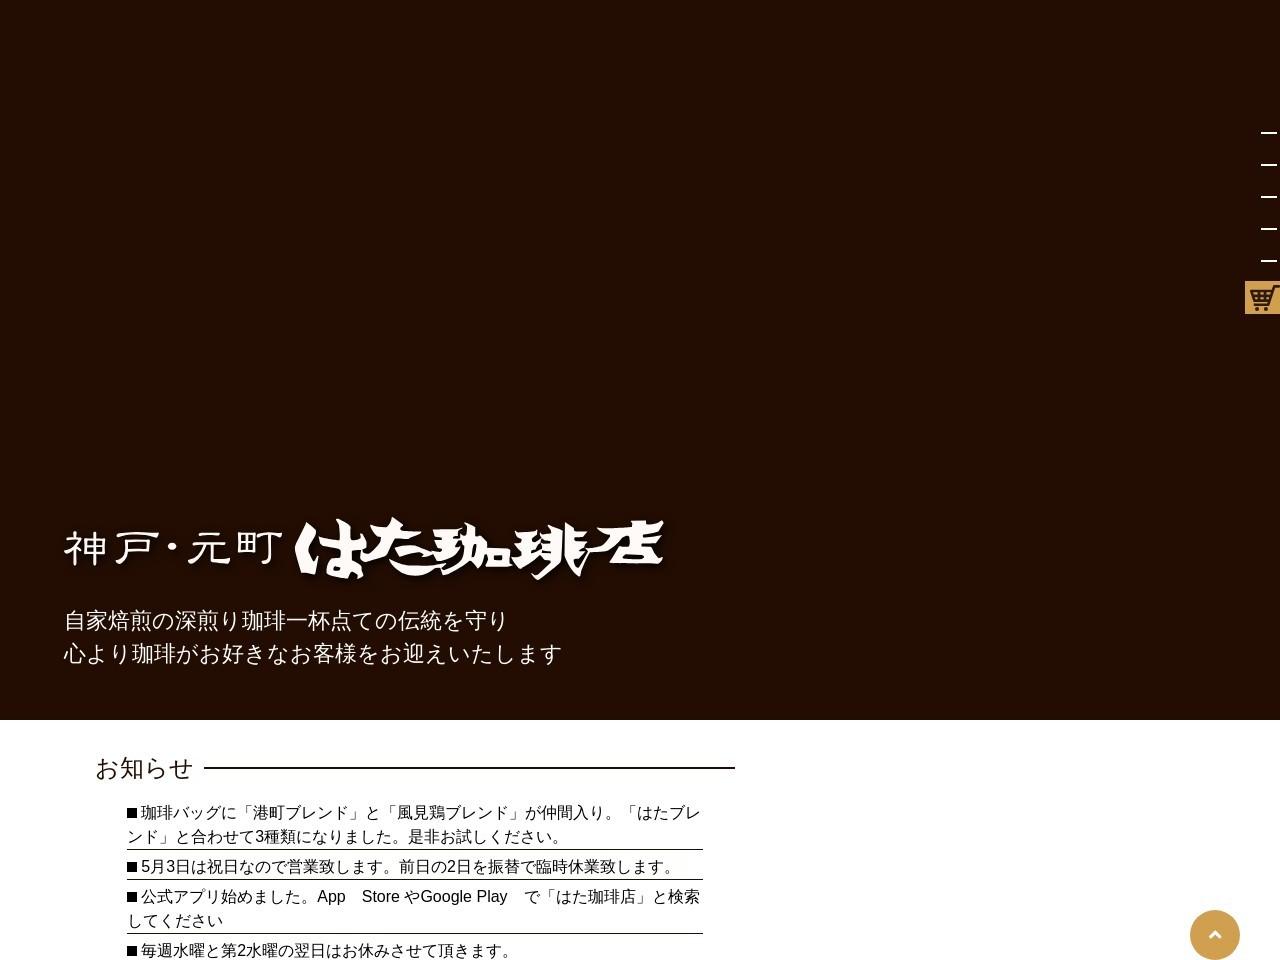 コーヒー豆(珈琲豆)販売/通販|自家焙煎コーヒー:はた珈琲店(コーヒー専門店)